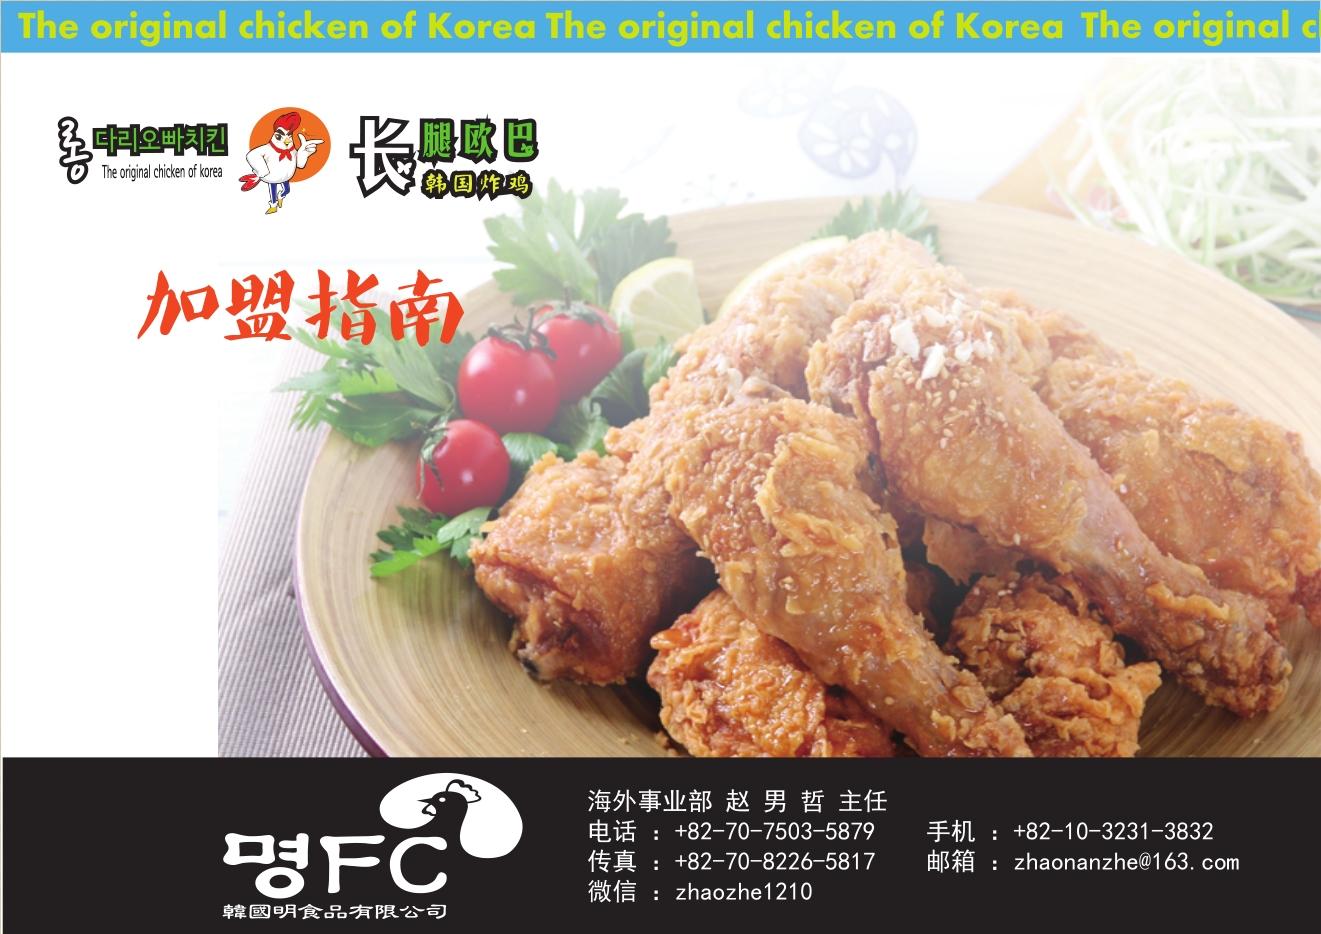 韩国长腿欧巴炸鸡加盟